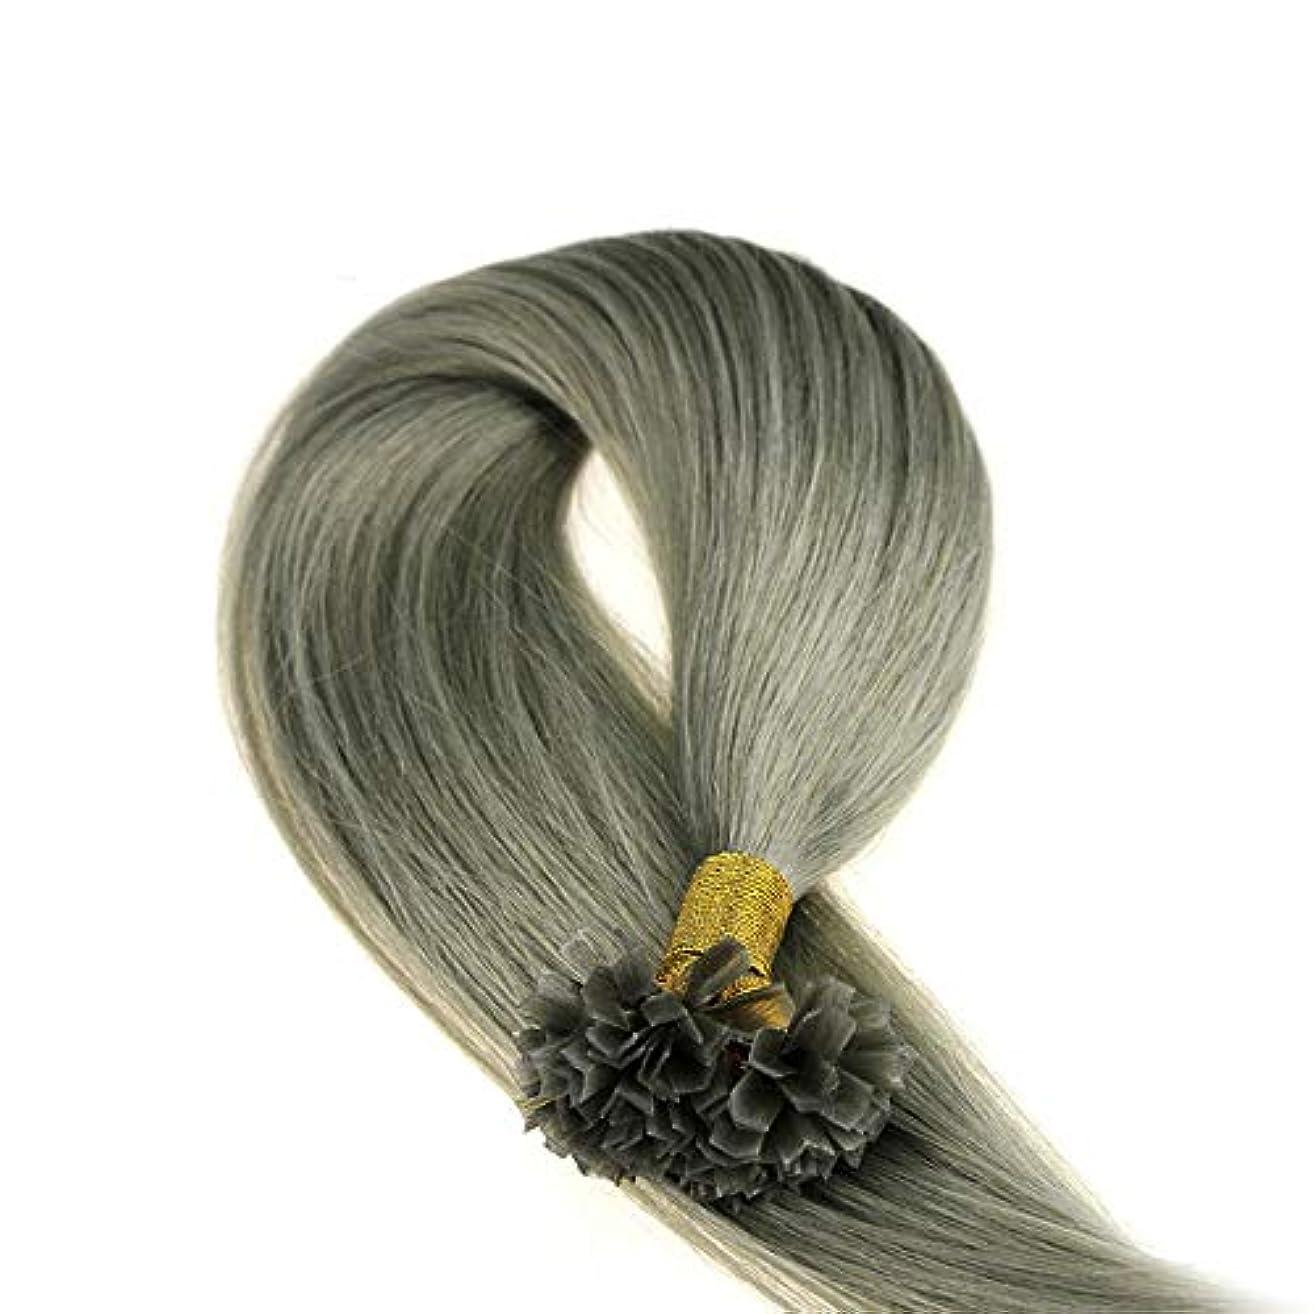 粒子グリースであるWASAIO ヘアエクステンションクリップUnseamed髪型交換ミックスグレー色のデュアル人間の髪を引かれます (色 : グレー, サイズ : 12 inch)